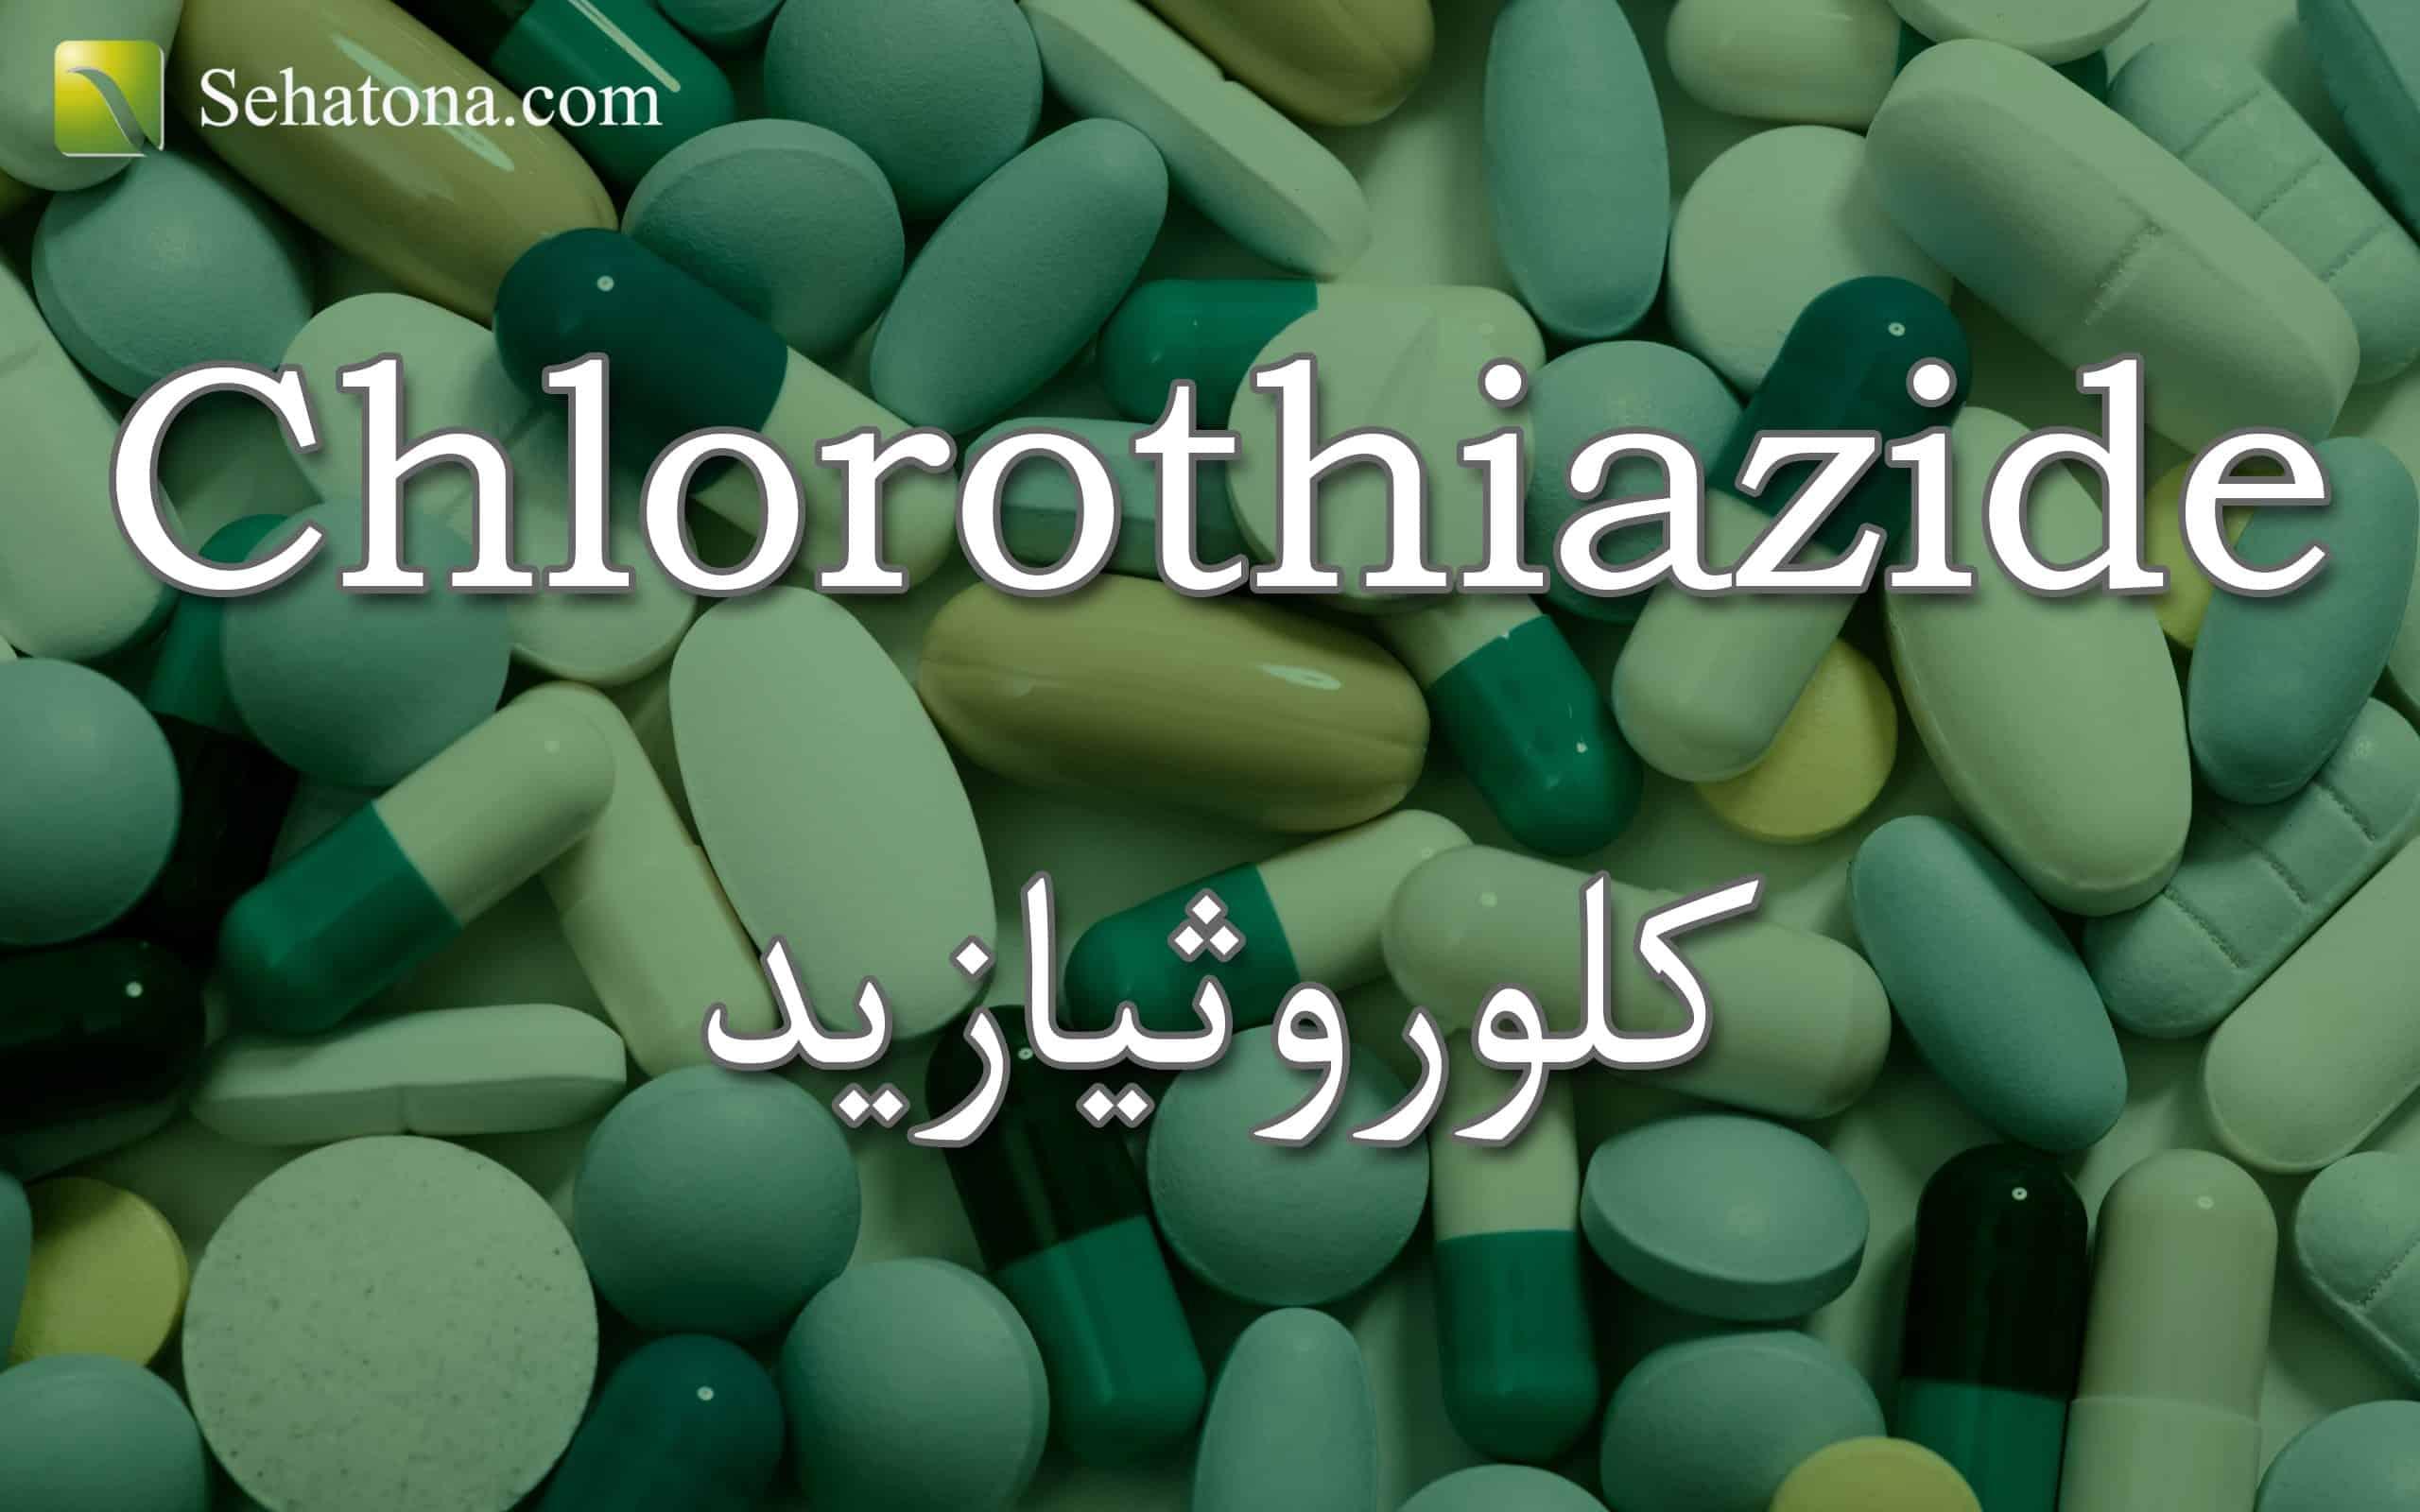 Chlorothiazide